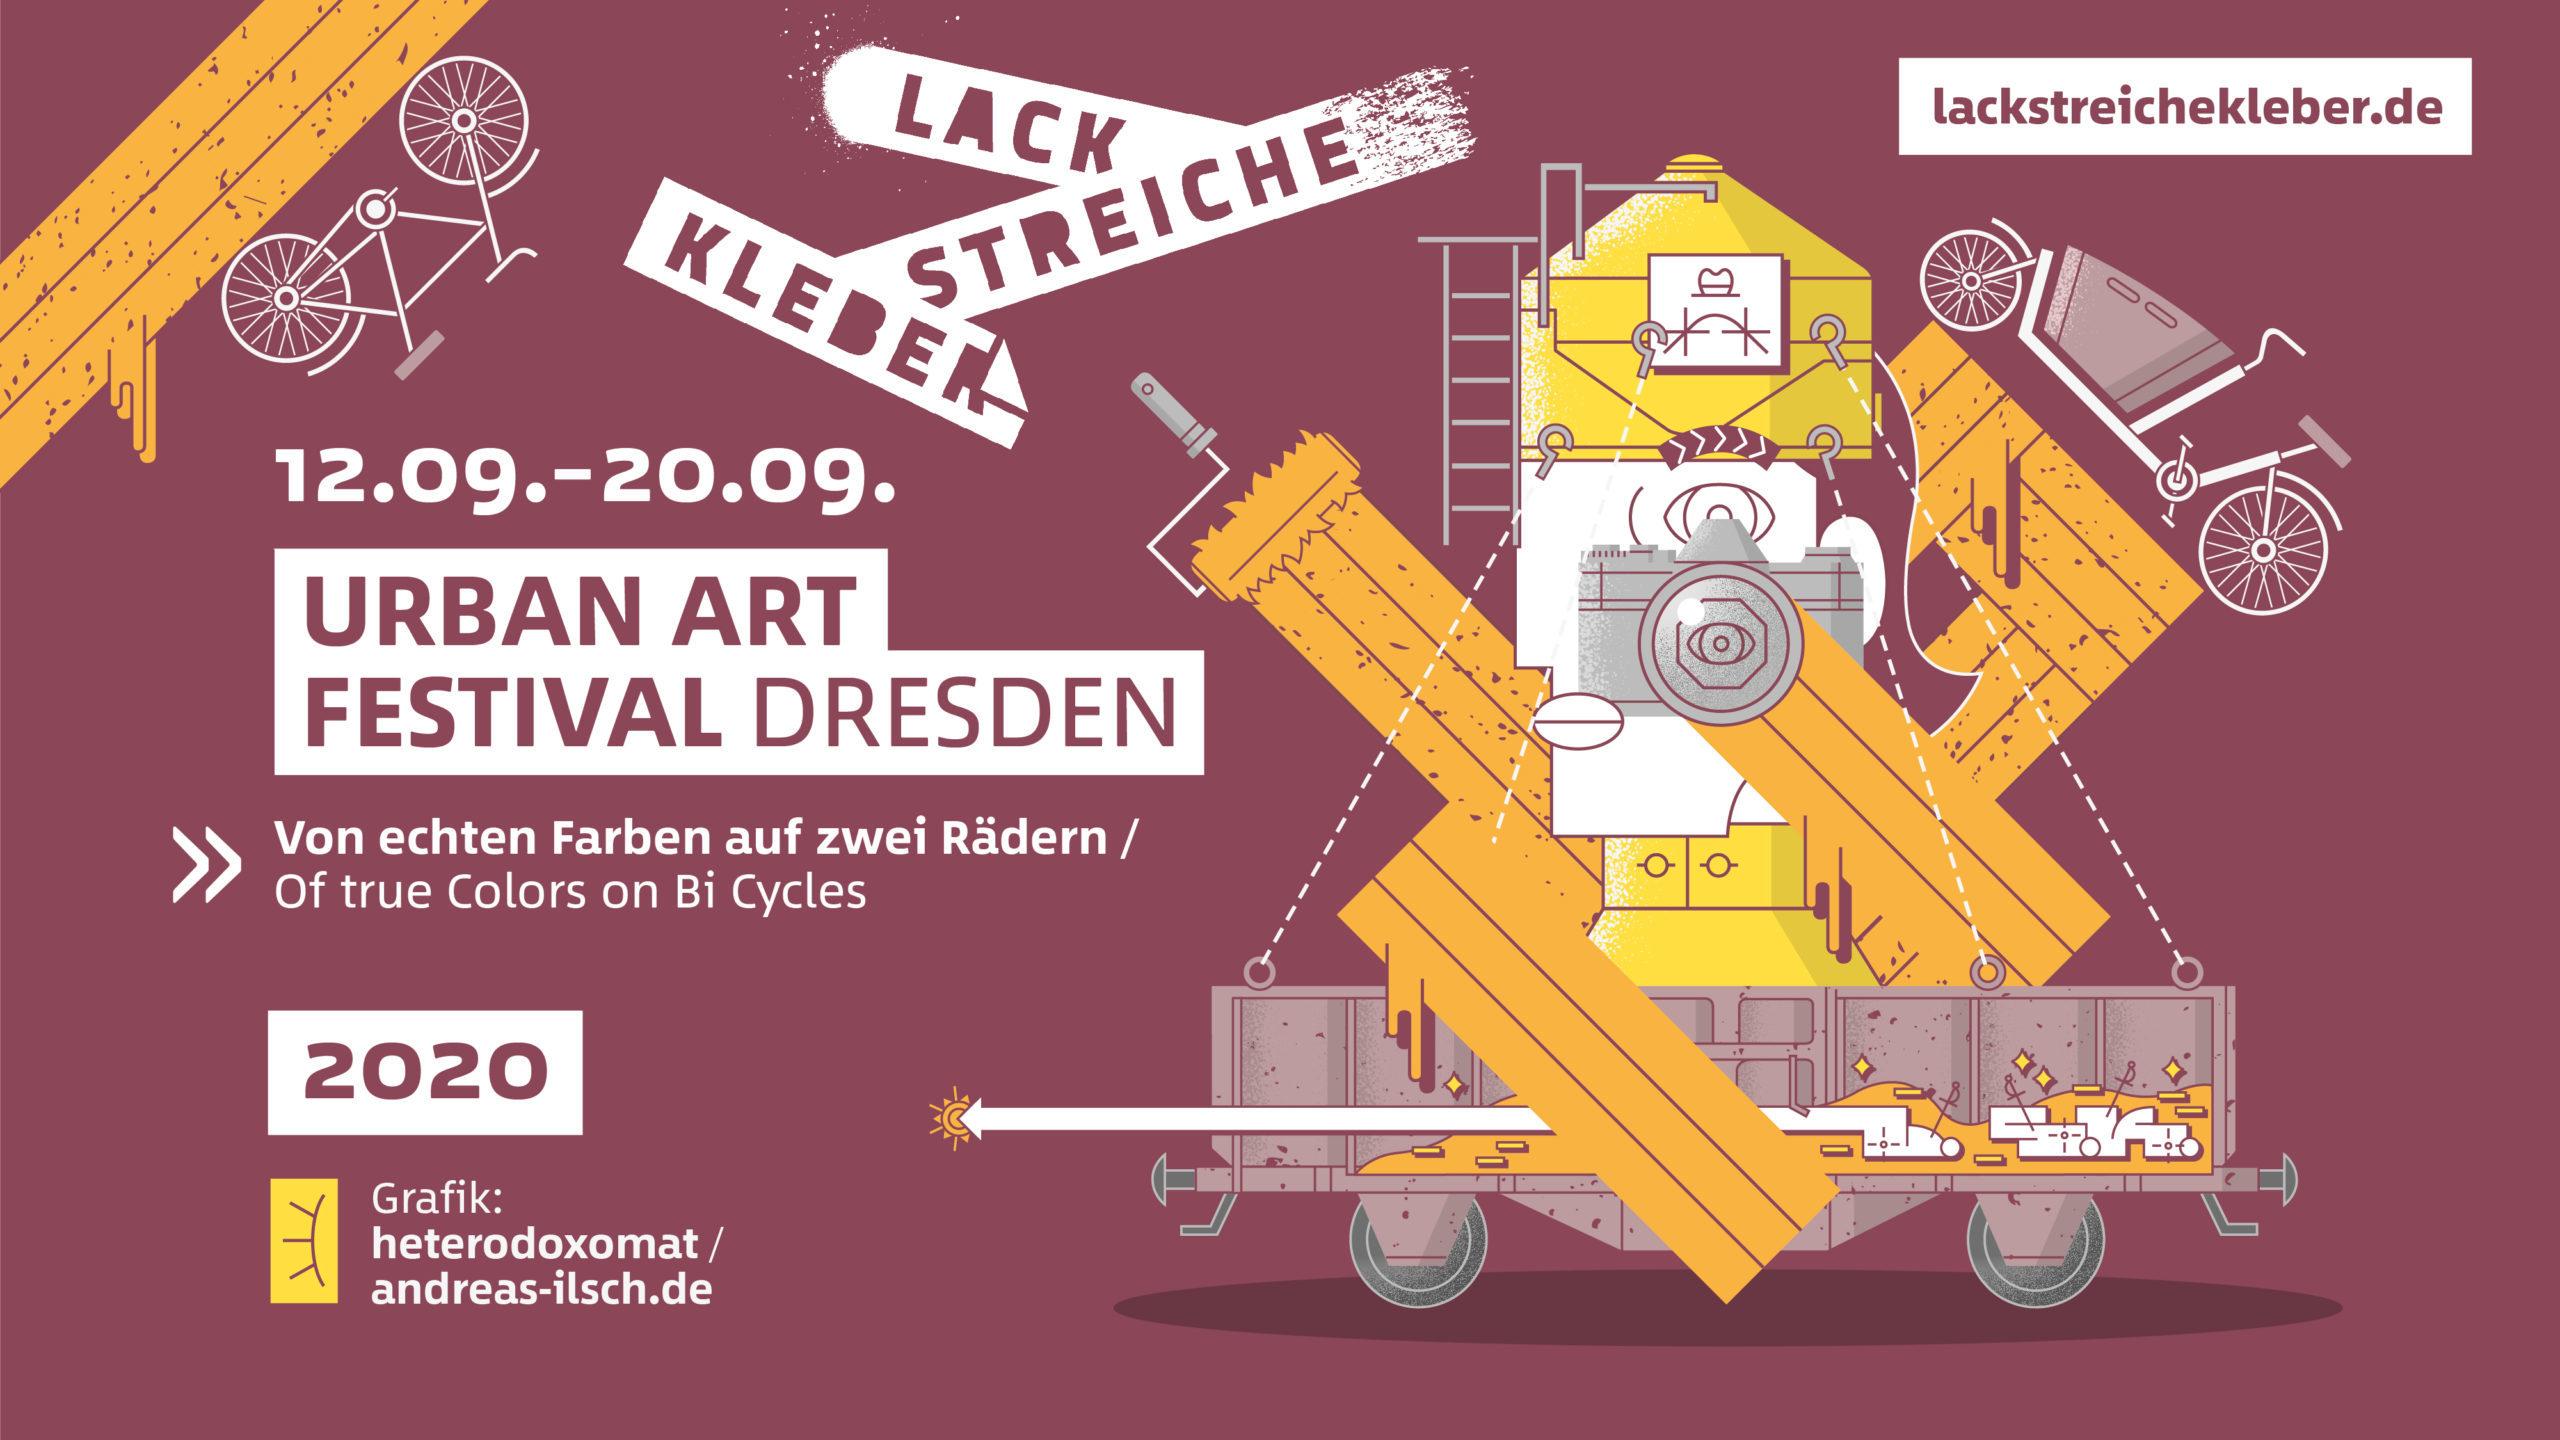 PlakatentwurfLSK2020 von Andreas Ilsch